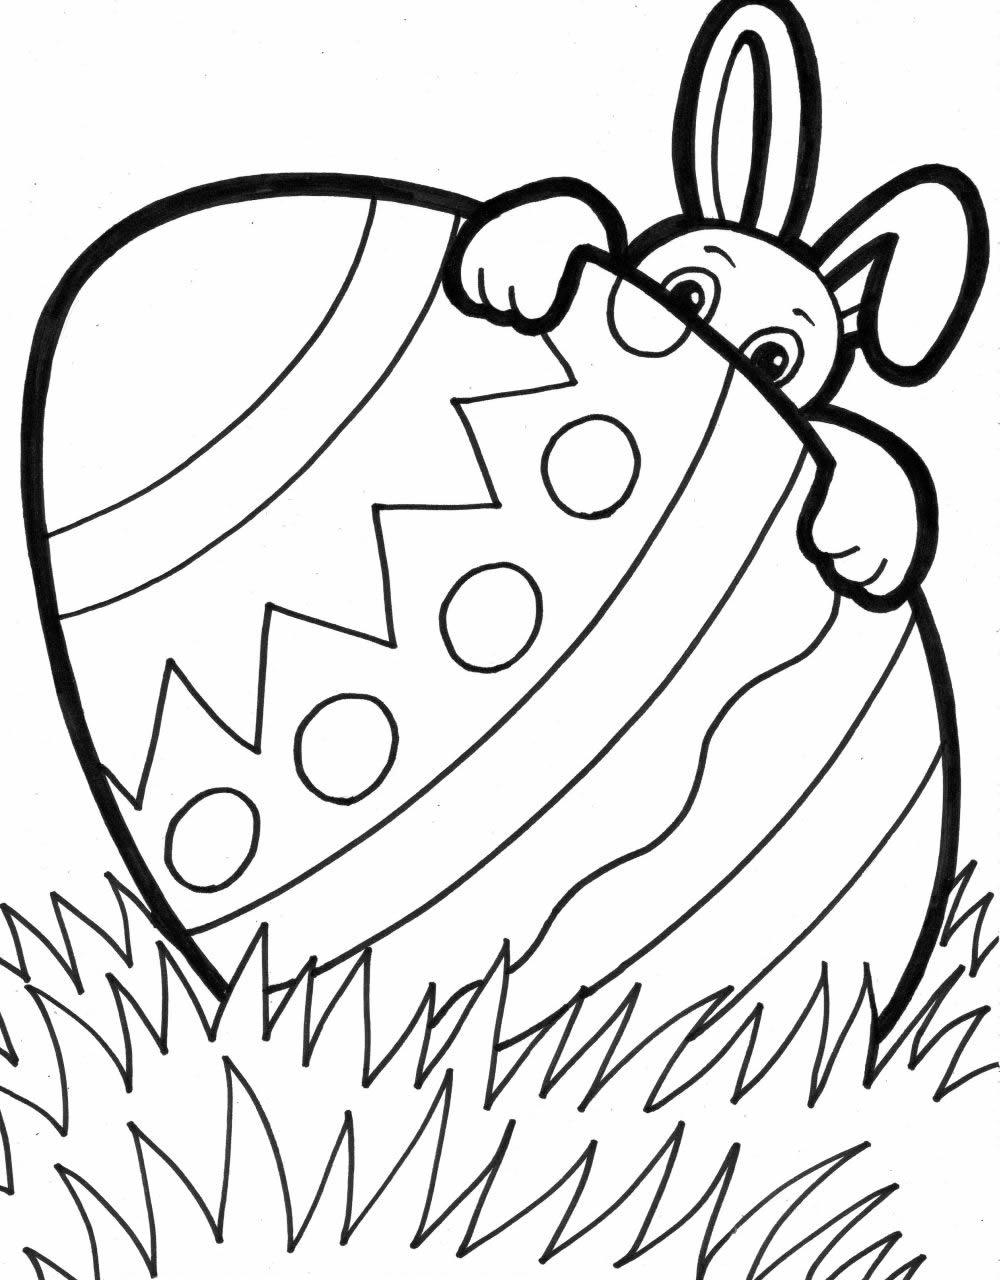 Disegno Uovo Pasqua gigante